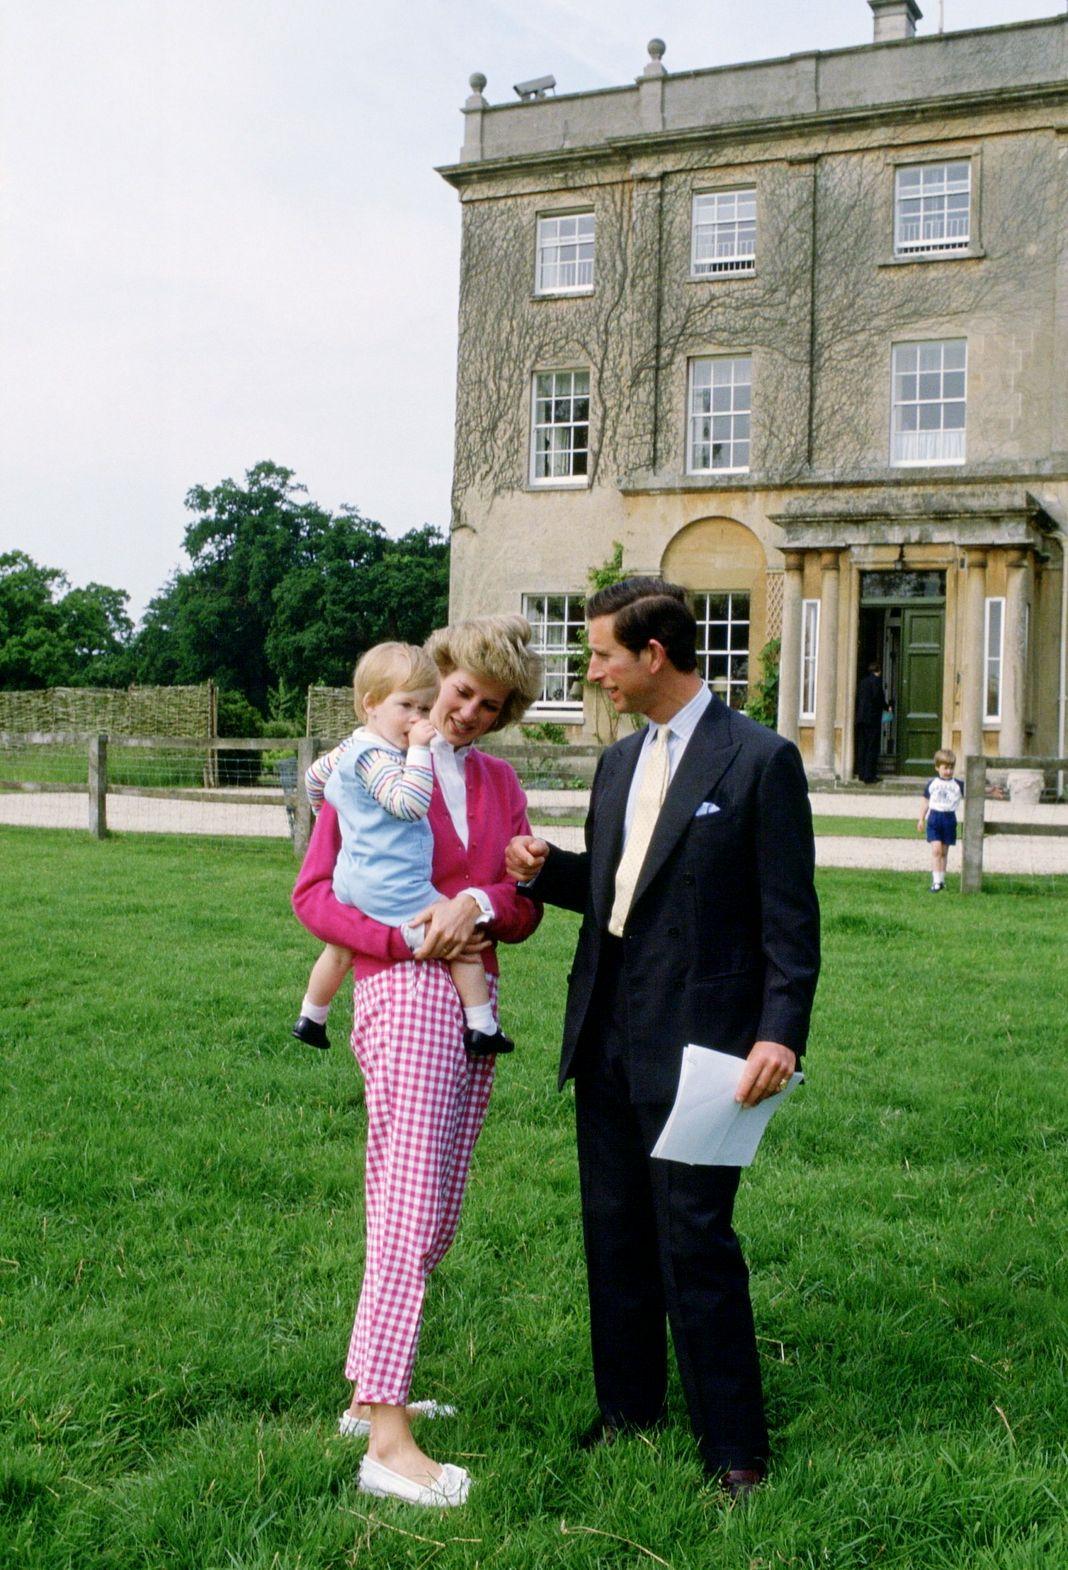 Королевская чета присматривает за своим сыном возле их дома